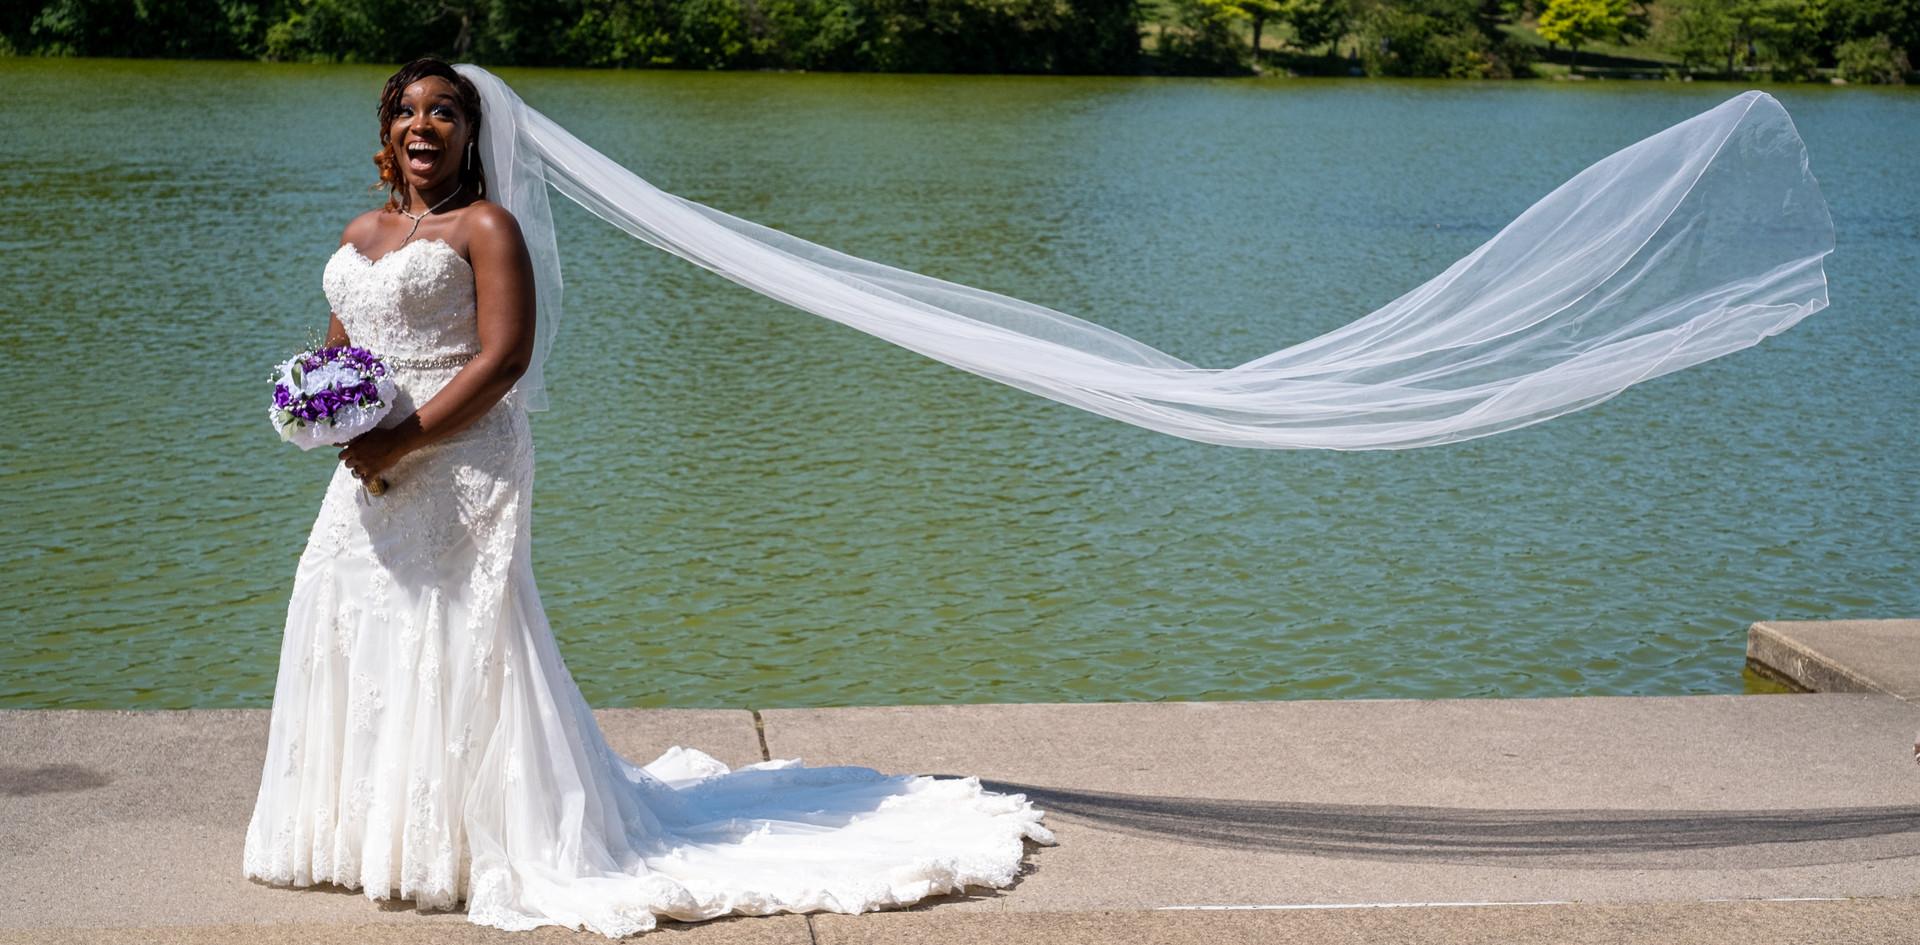 ju-bianca-wedding-252.jpg